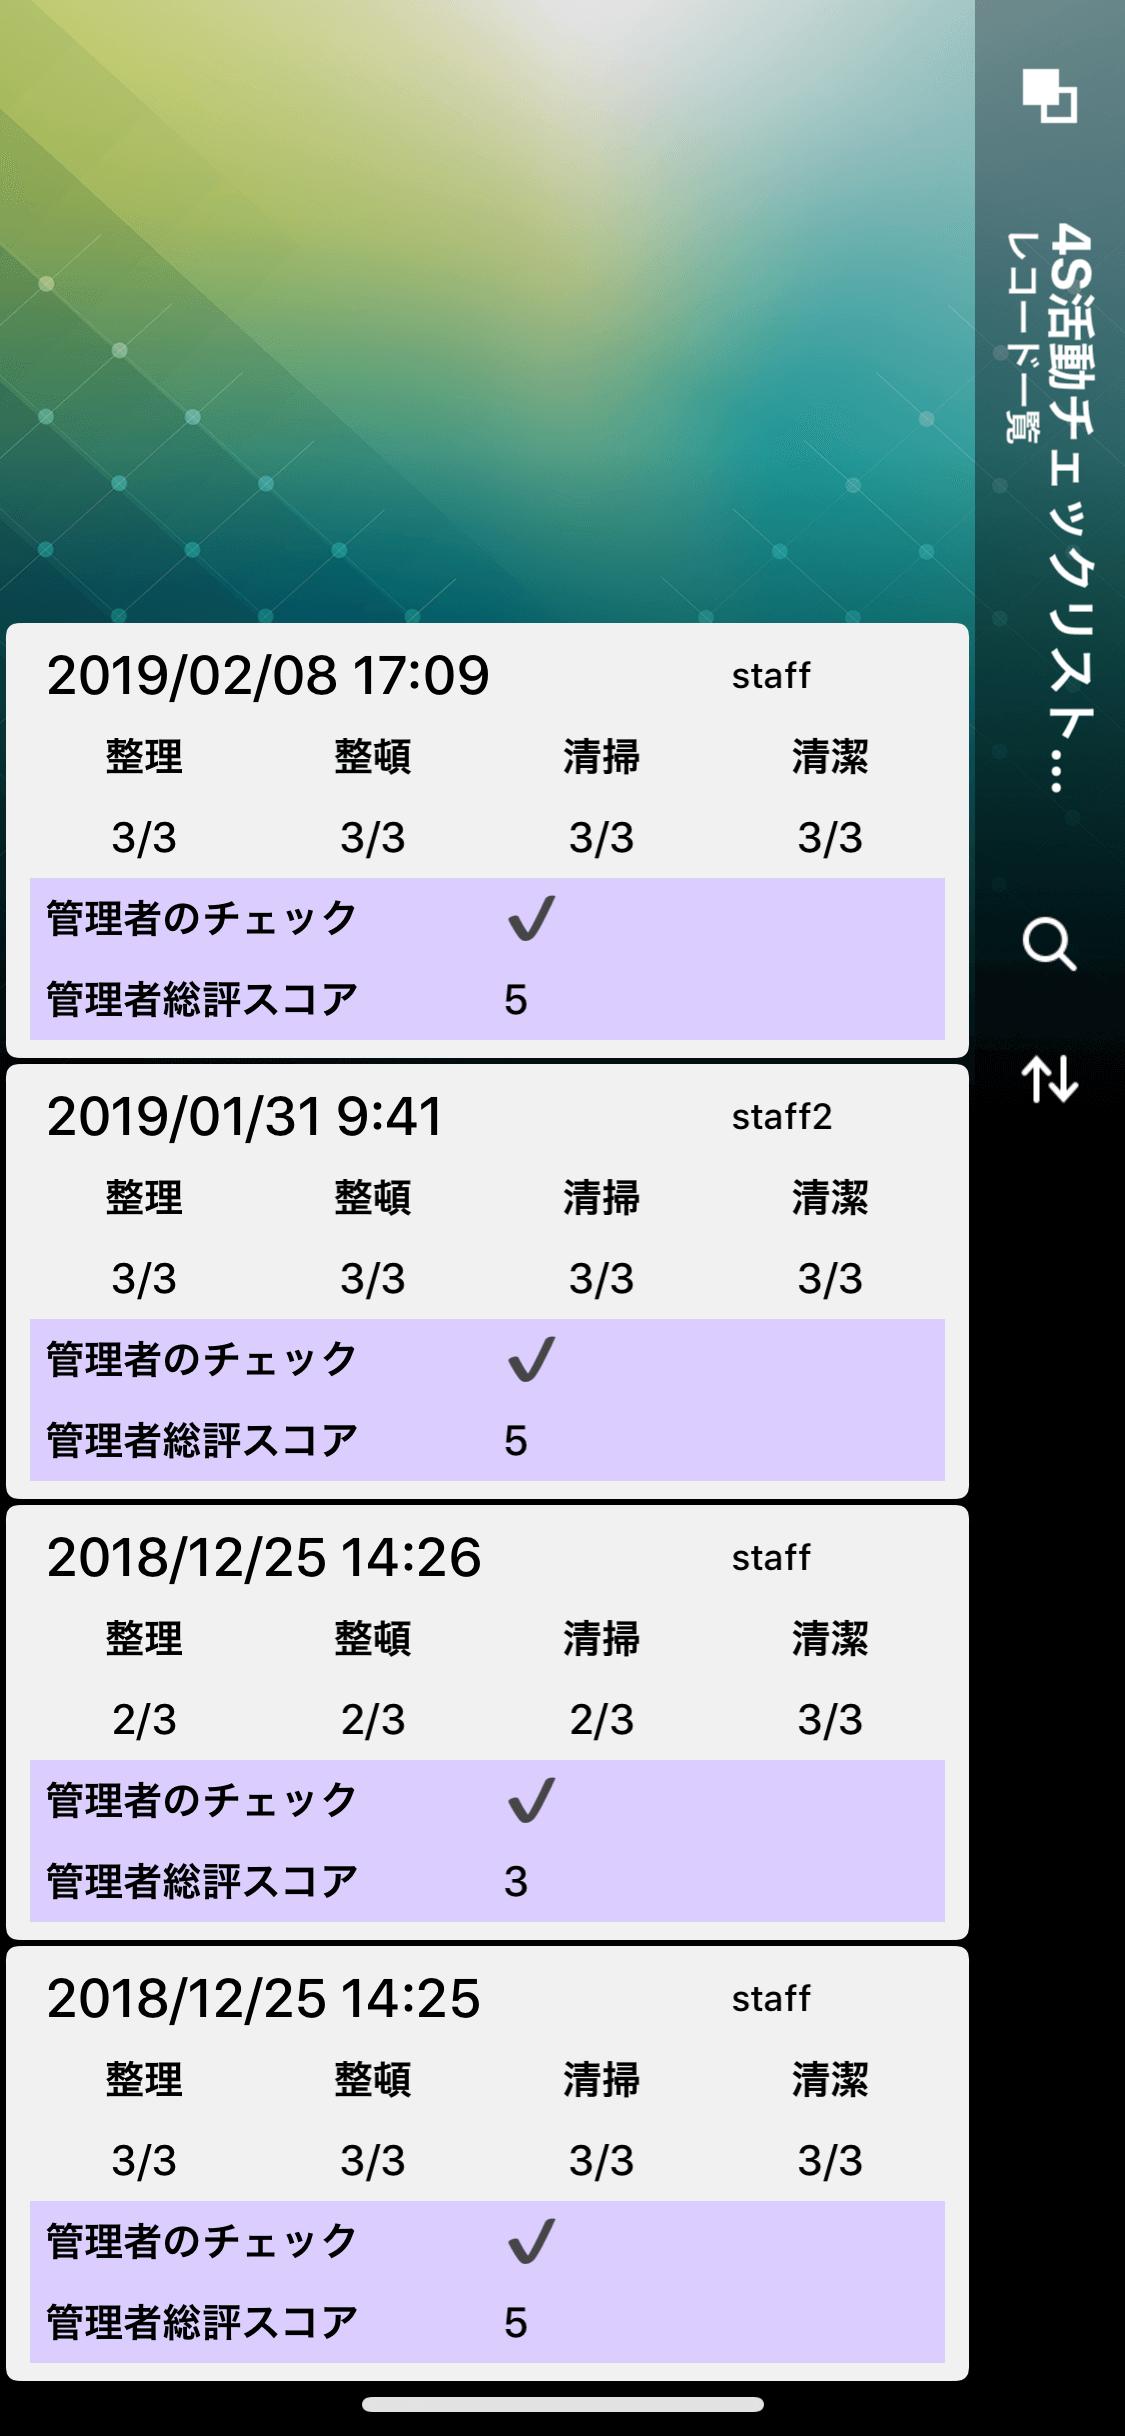 4S活動チェックリスト